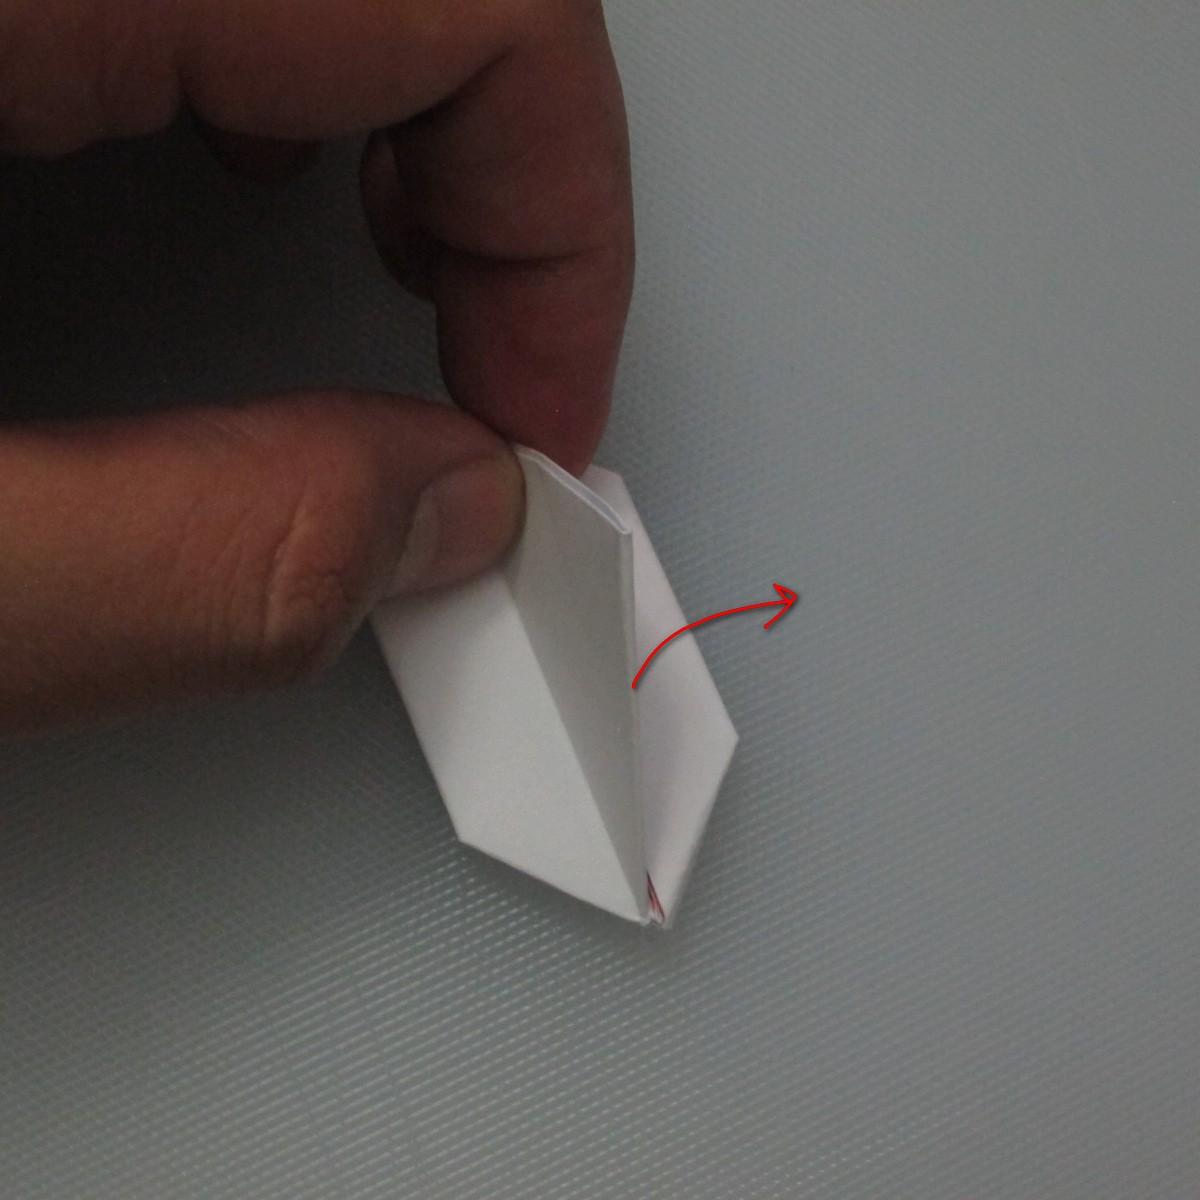 วิธีการพับกระดาษเป็นรูปกระต่าย 012